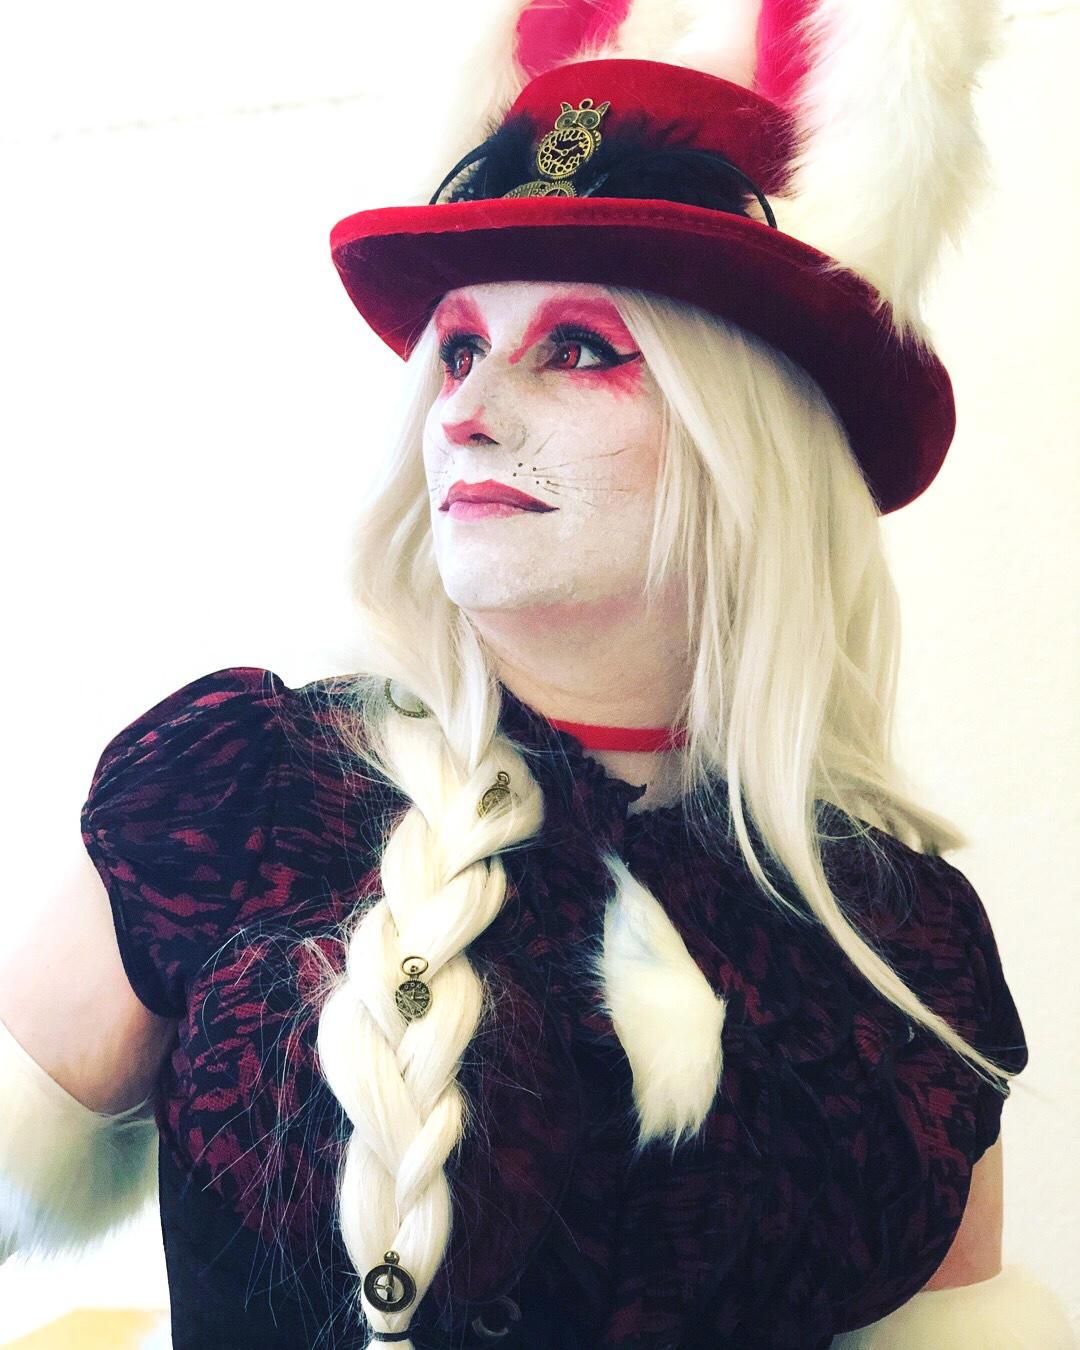 Kessira26's Profile Picture